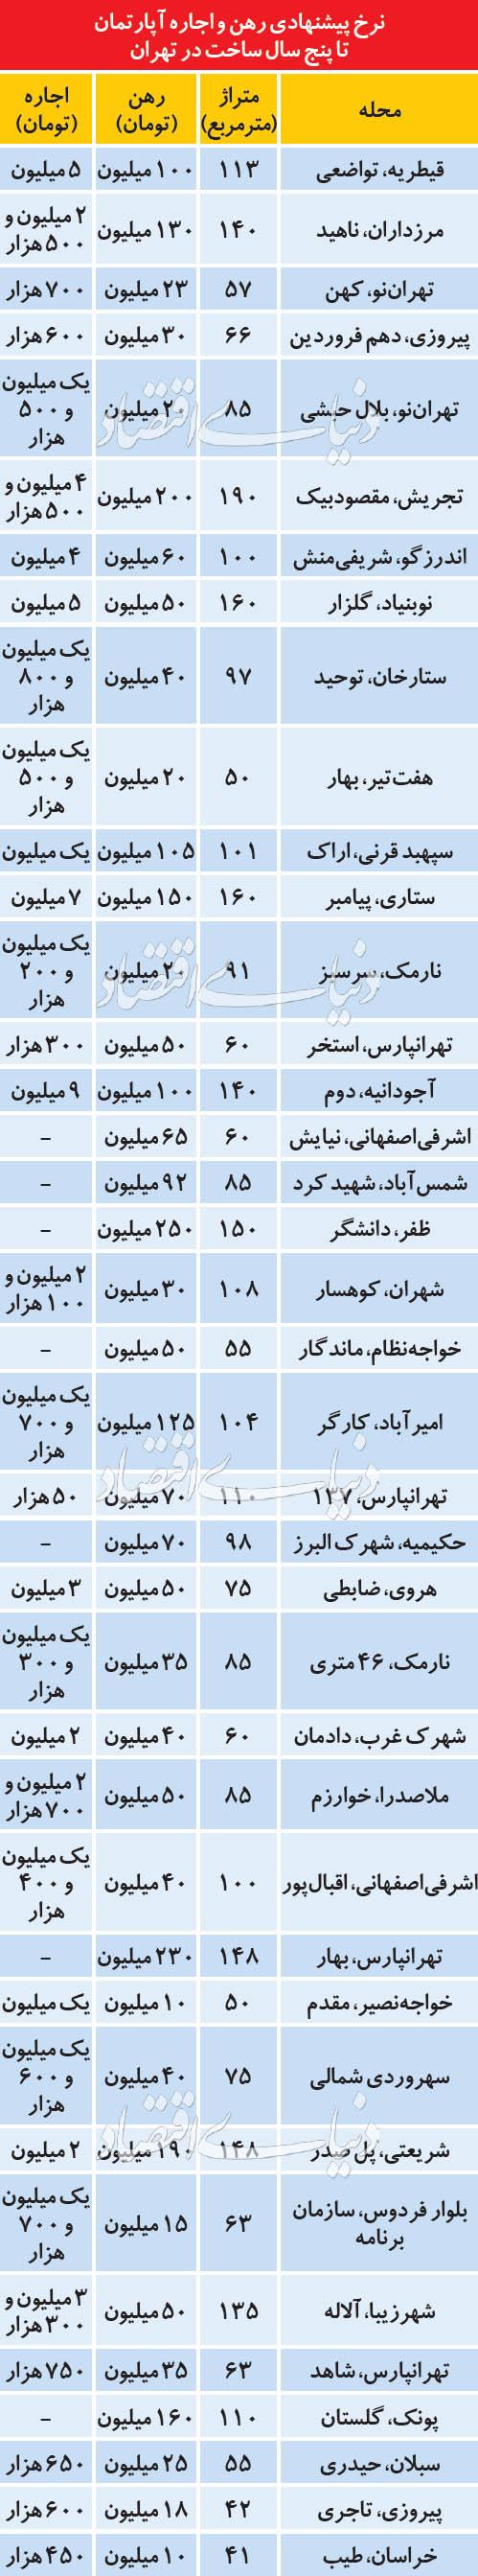 نرخ پیشنهادی رهن و اجاره آپارتمانهای تا 5 سال ساخت تهران